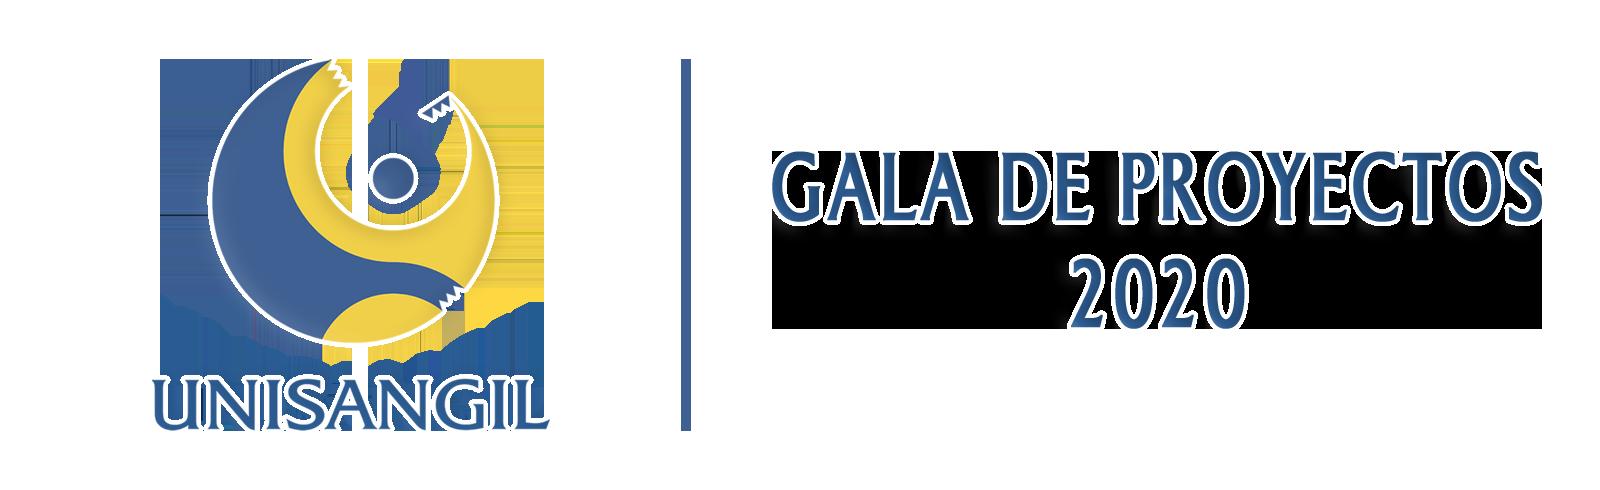 Gala de Proyectos Unisangil